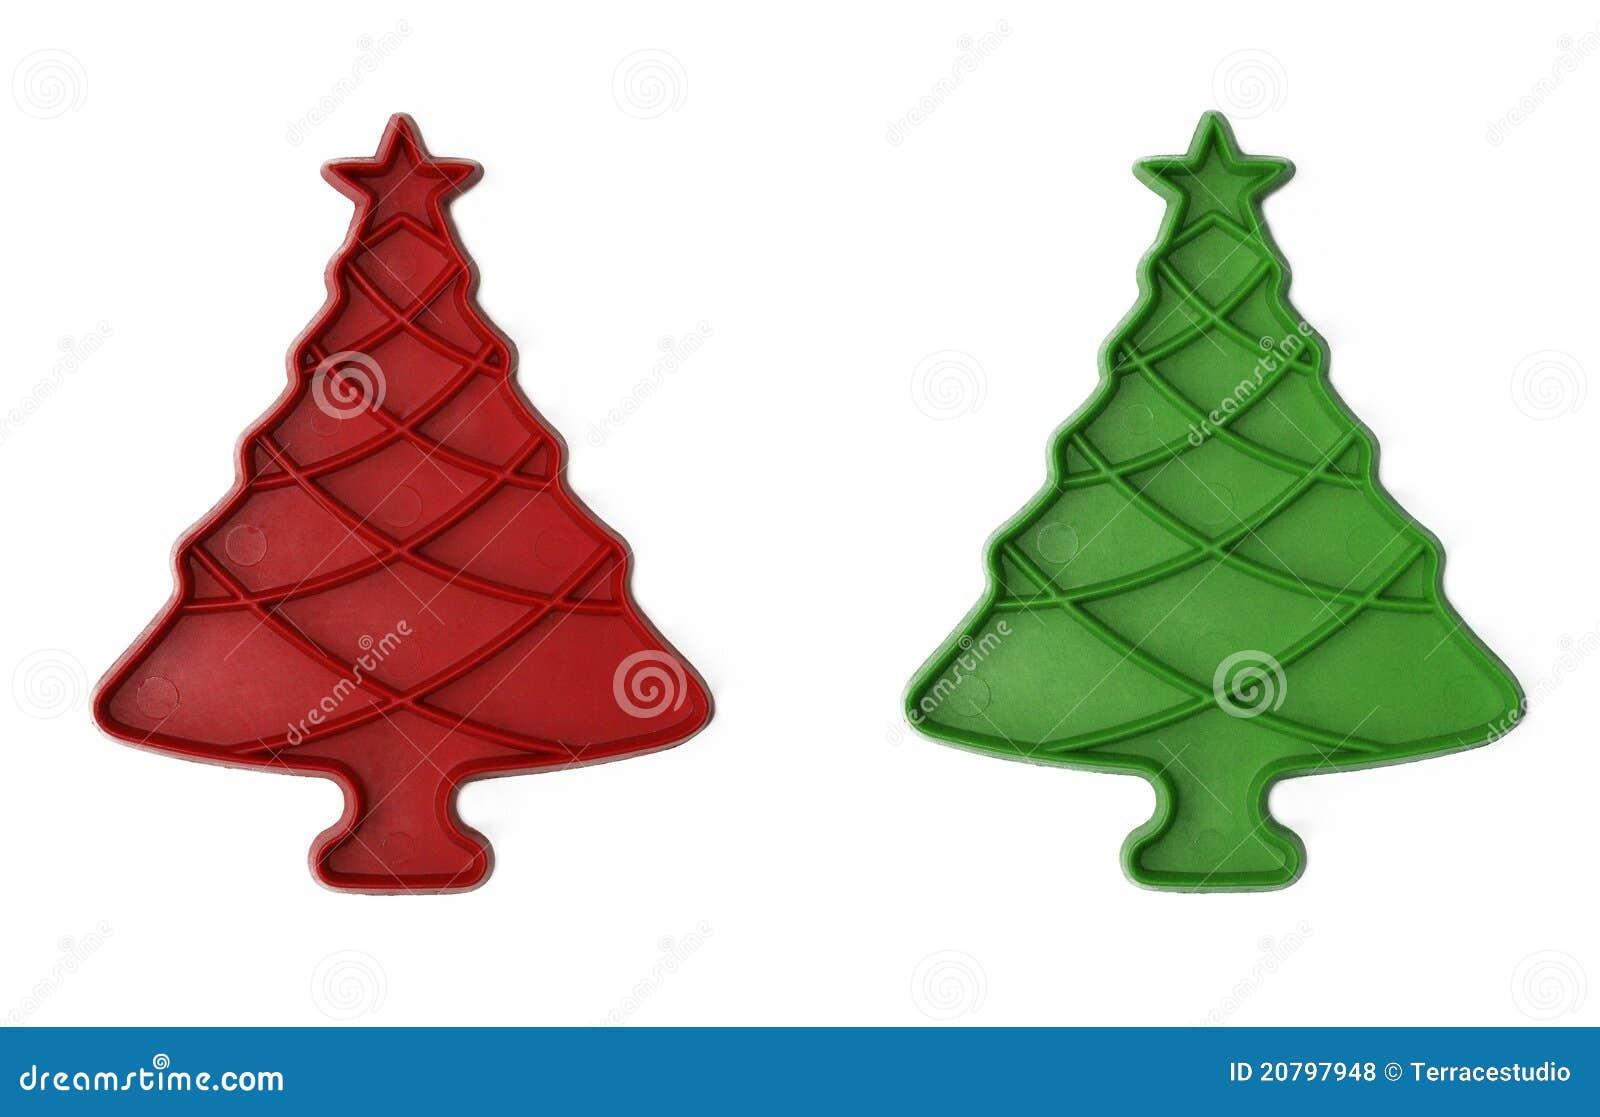 De uitstekende Rode/Groene Snijders van het Koekje van de Kerstboom